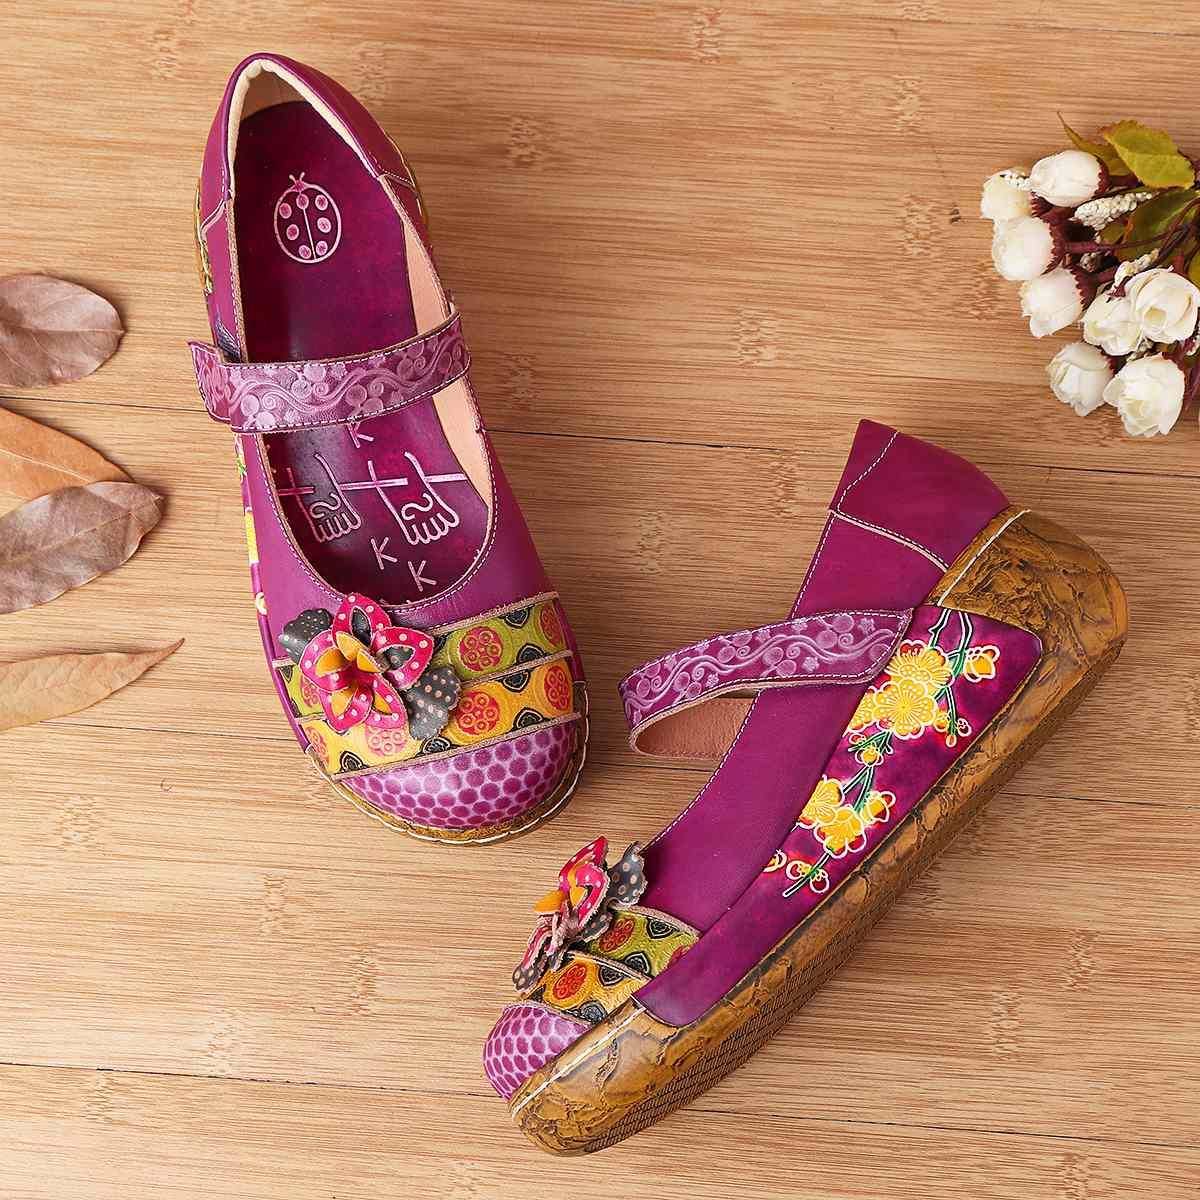 NIS véritable cuir appartements femmes chaussures plates femme socofy bohème Style Vintage décontracté plate-forme dames chaussures crochet & boucle appartements 2019